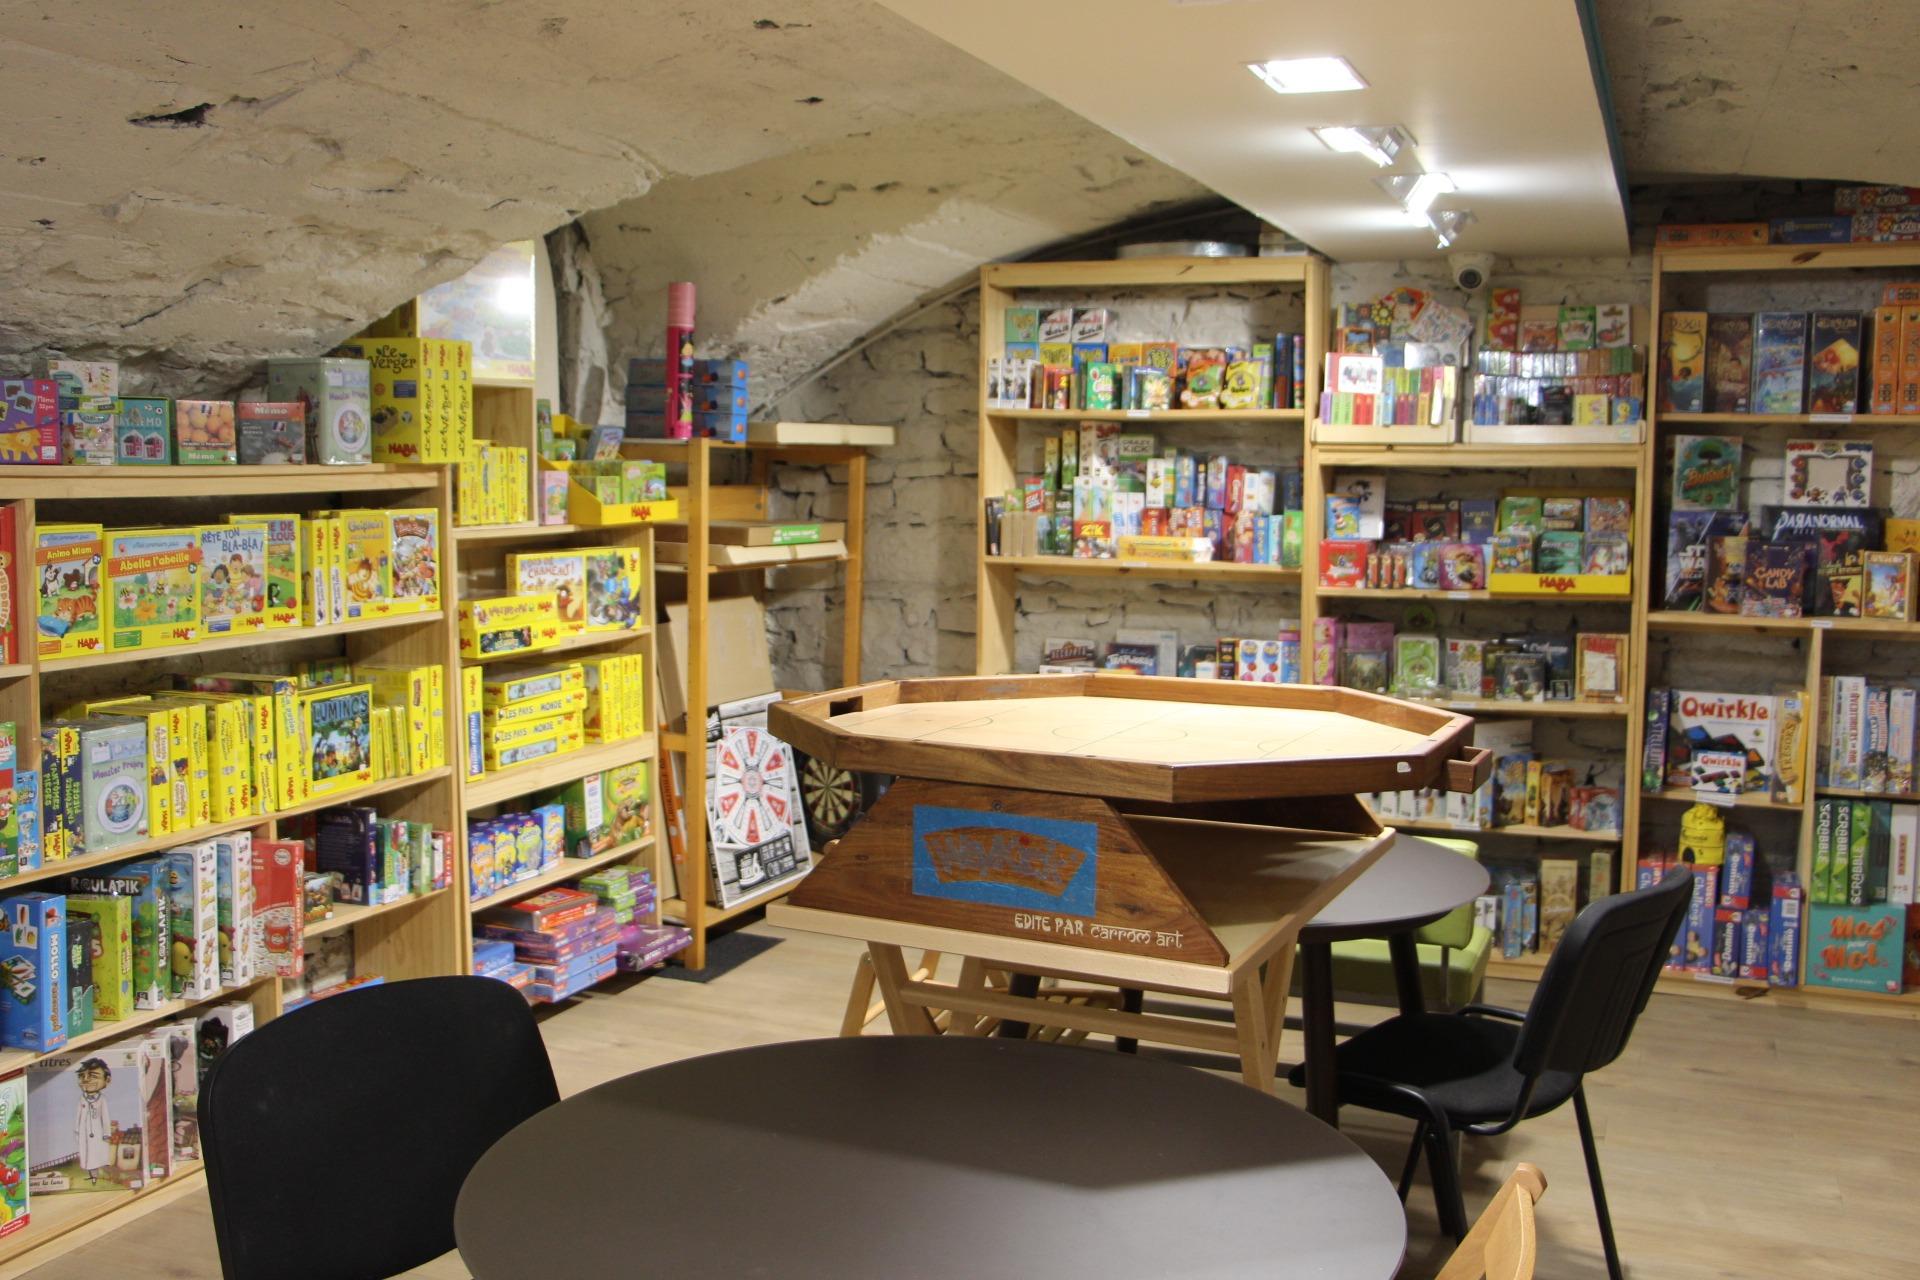 jeux de société boutique Poisson d'avril Lyon 2